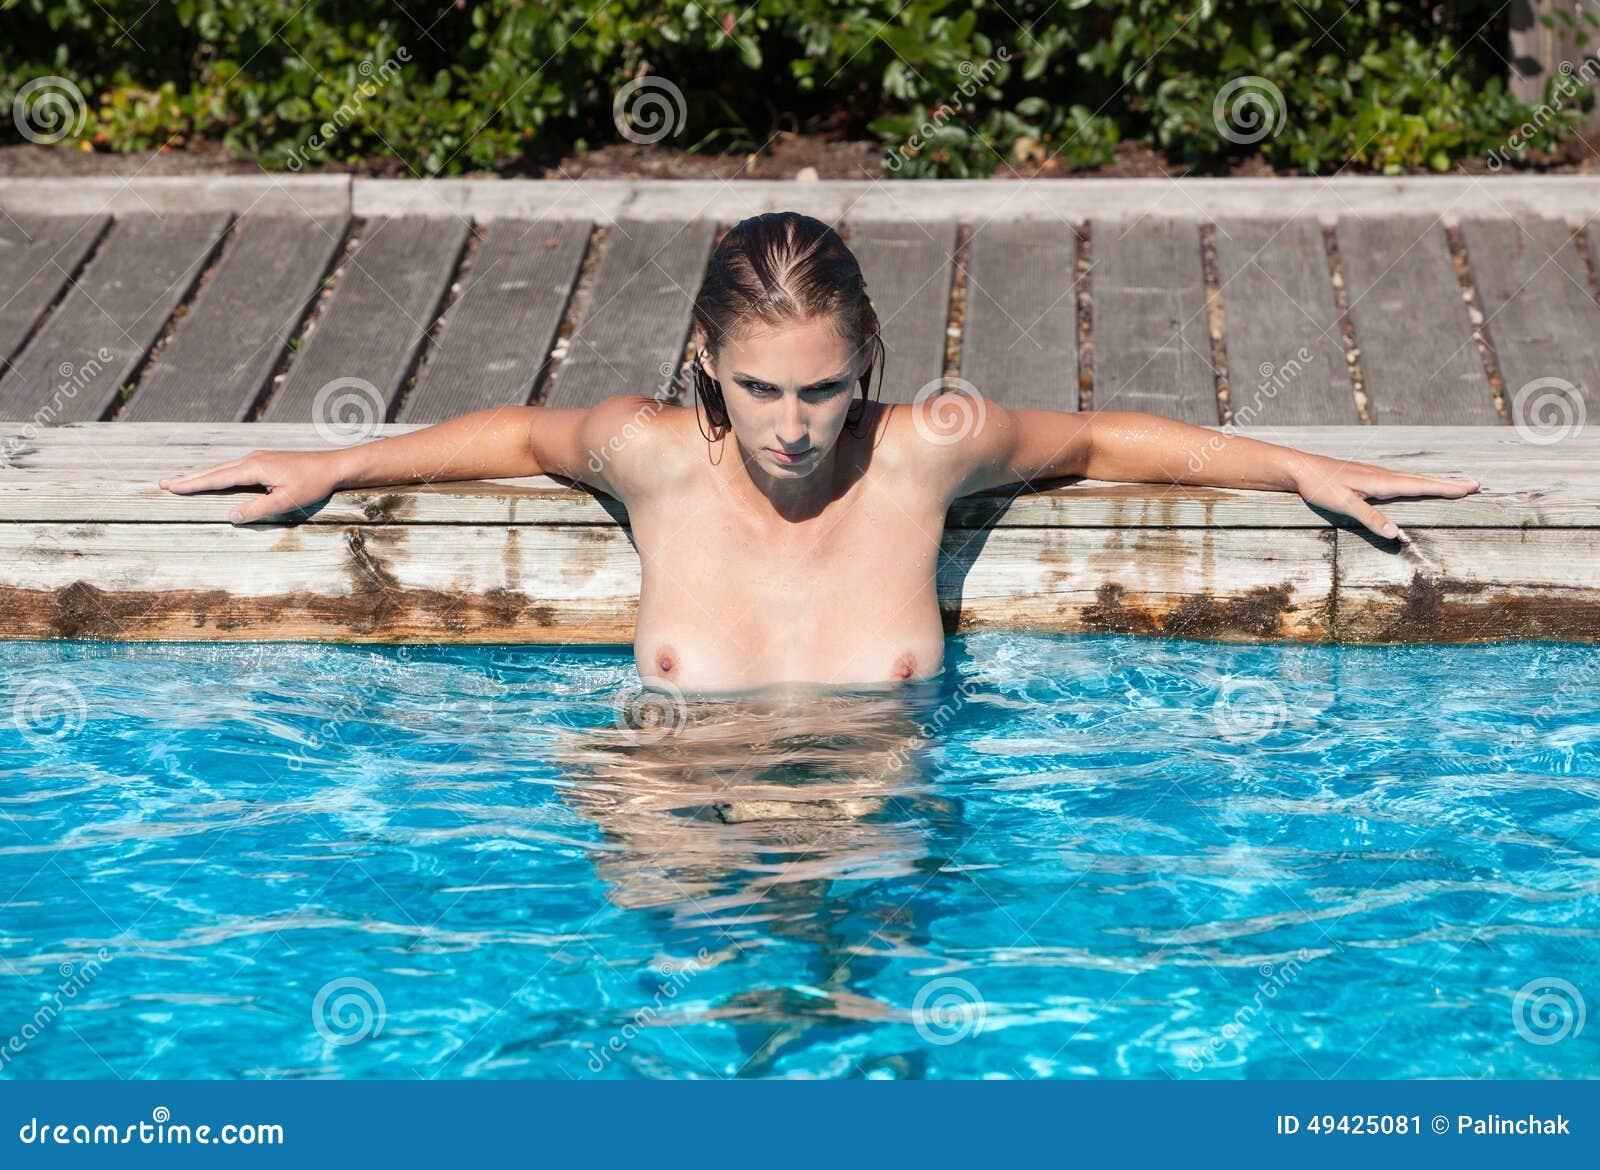 Mädchen nackt beim baden